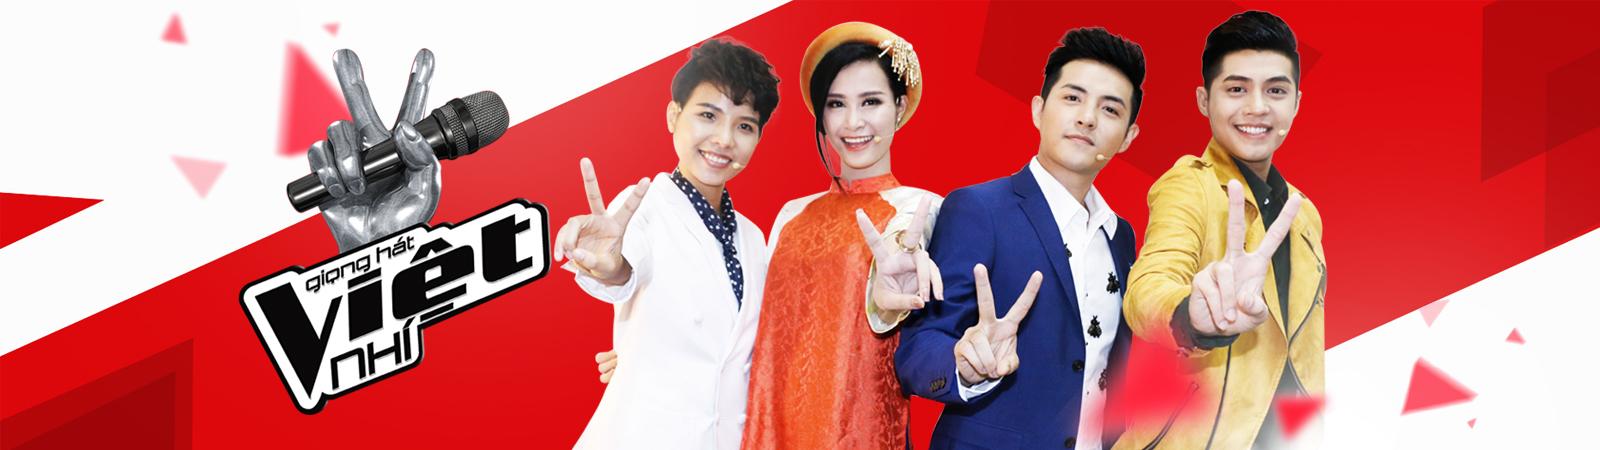 Tập 14 - Giọng Hát Việt Nhí 2016